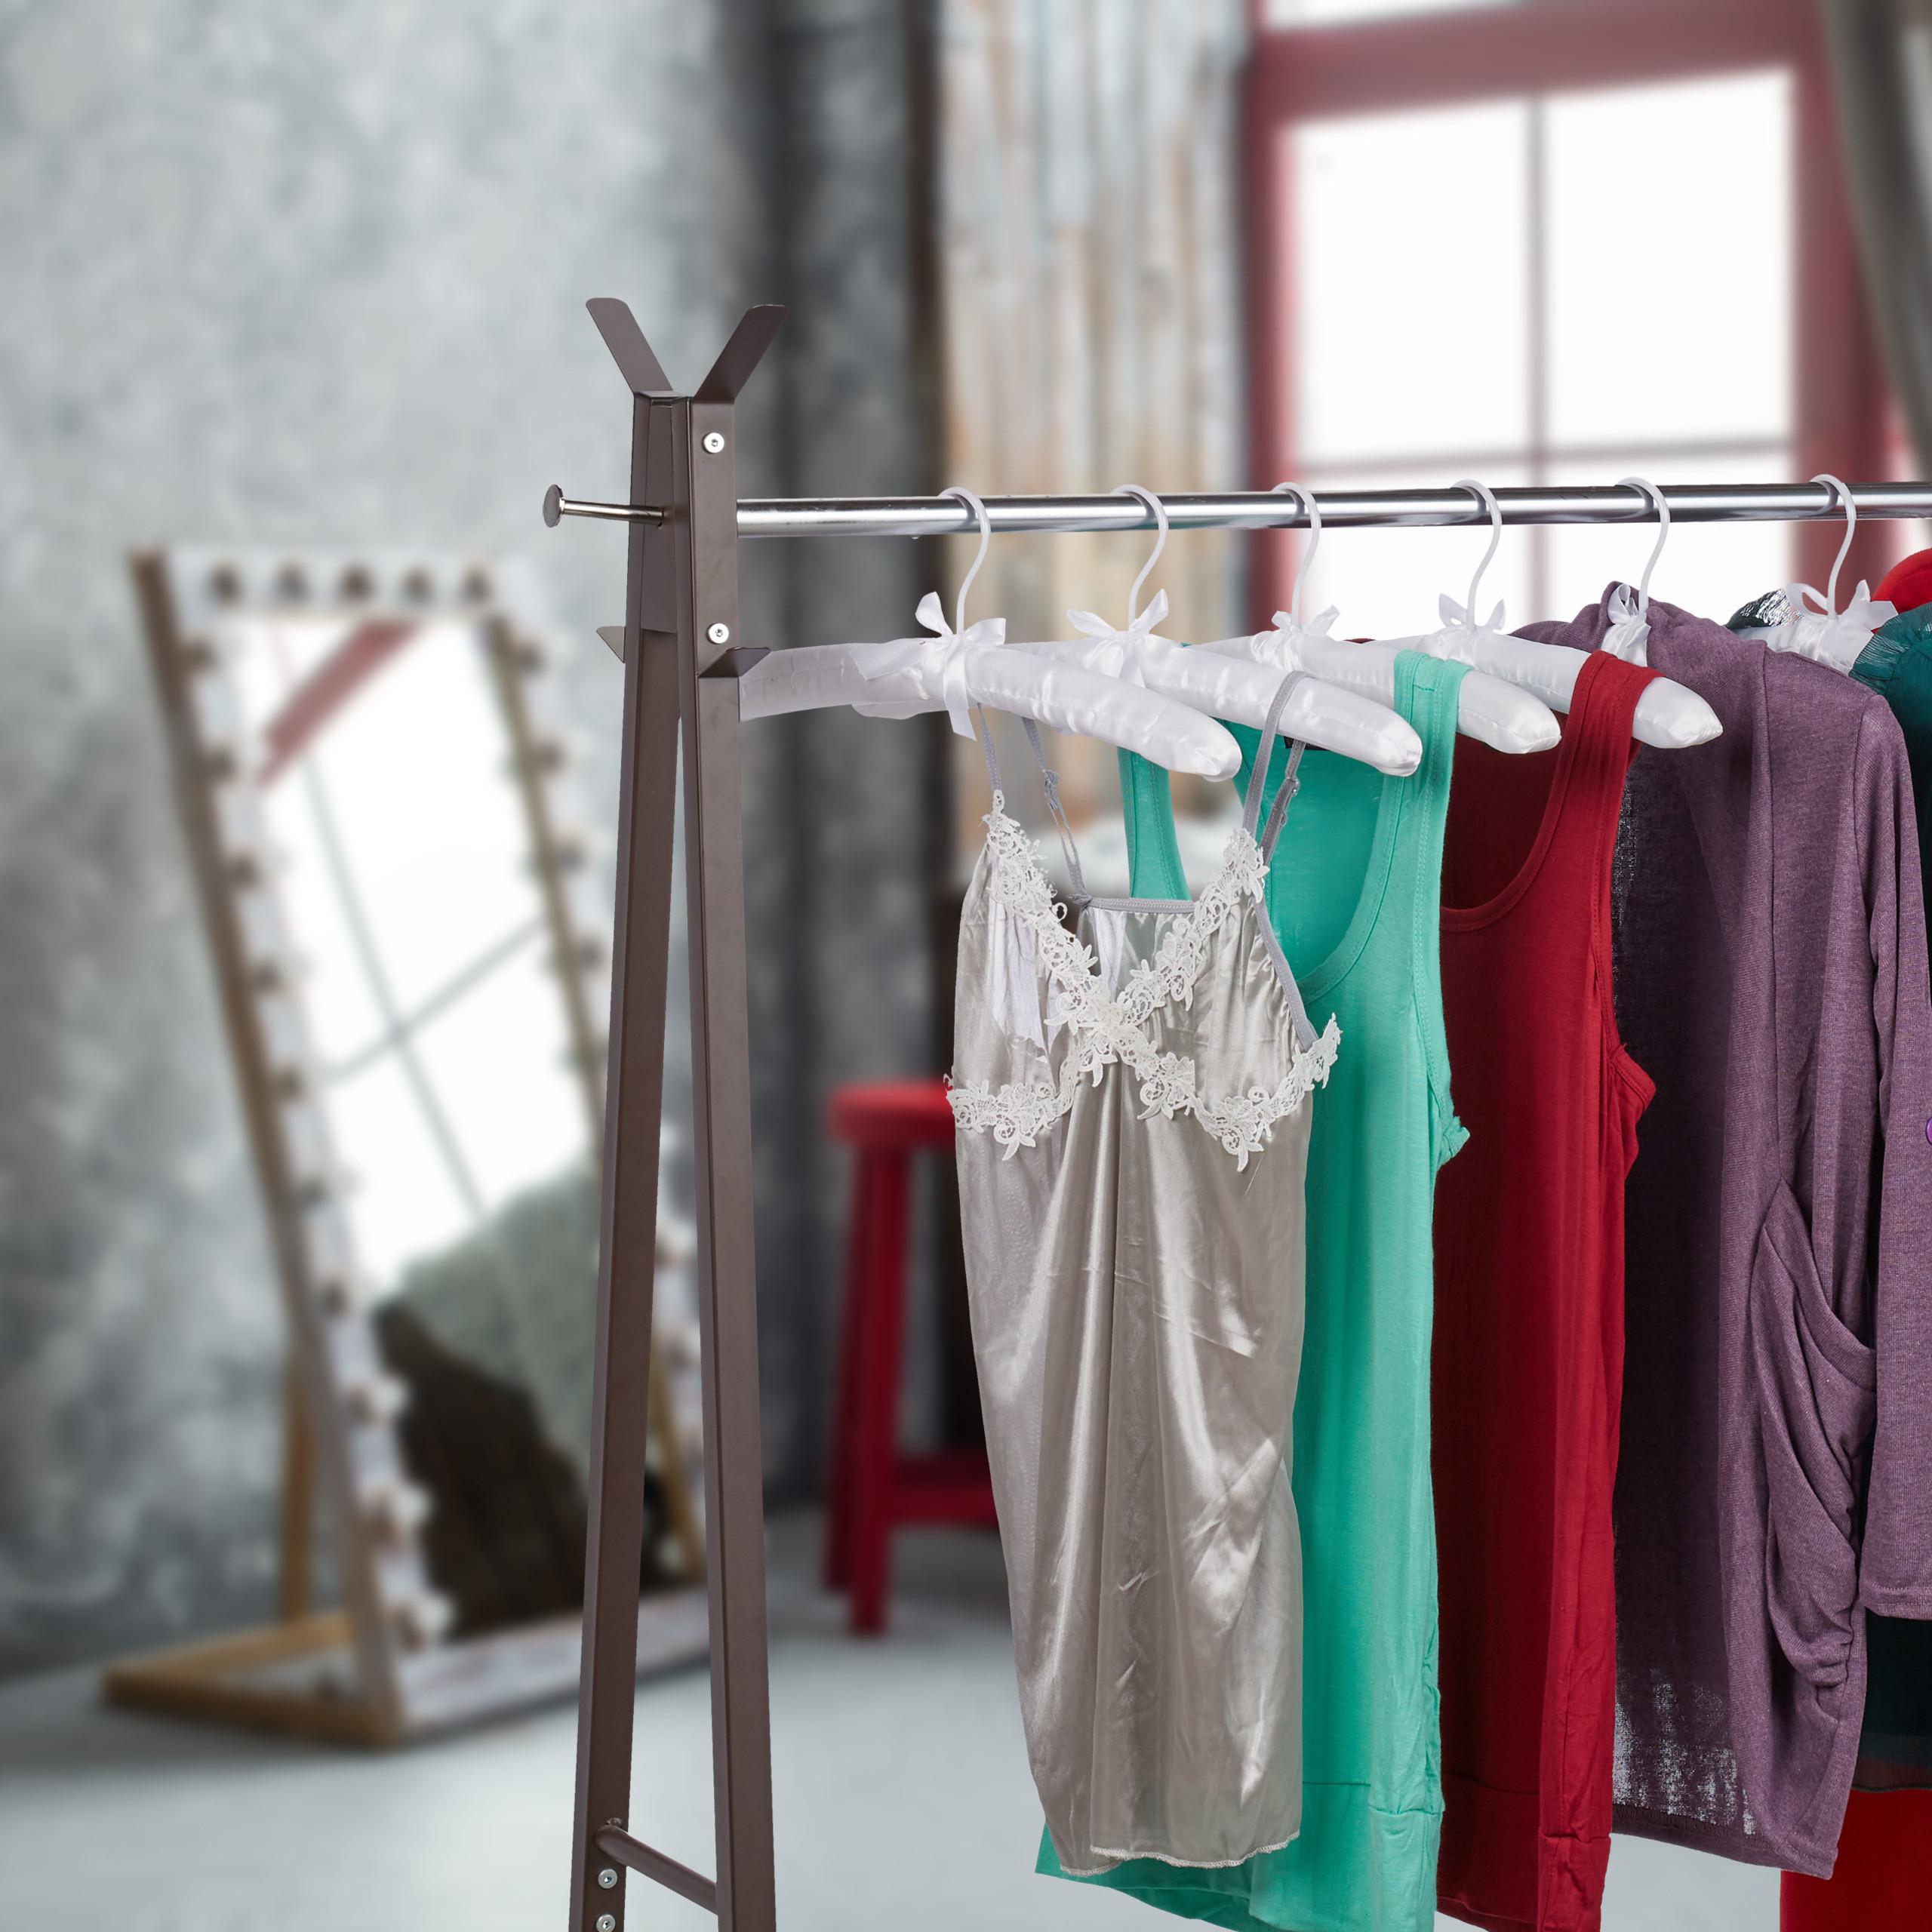 Cintre-satin-cintre-rembourre-doux-vestes-crochet-rotatif-360-noeud-noir-5 miniature 3